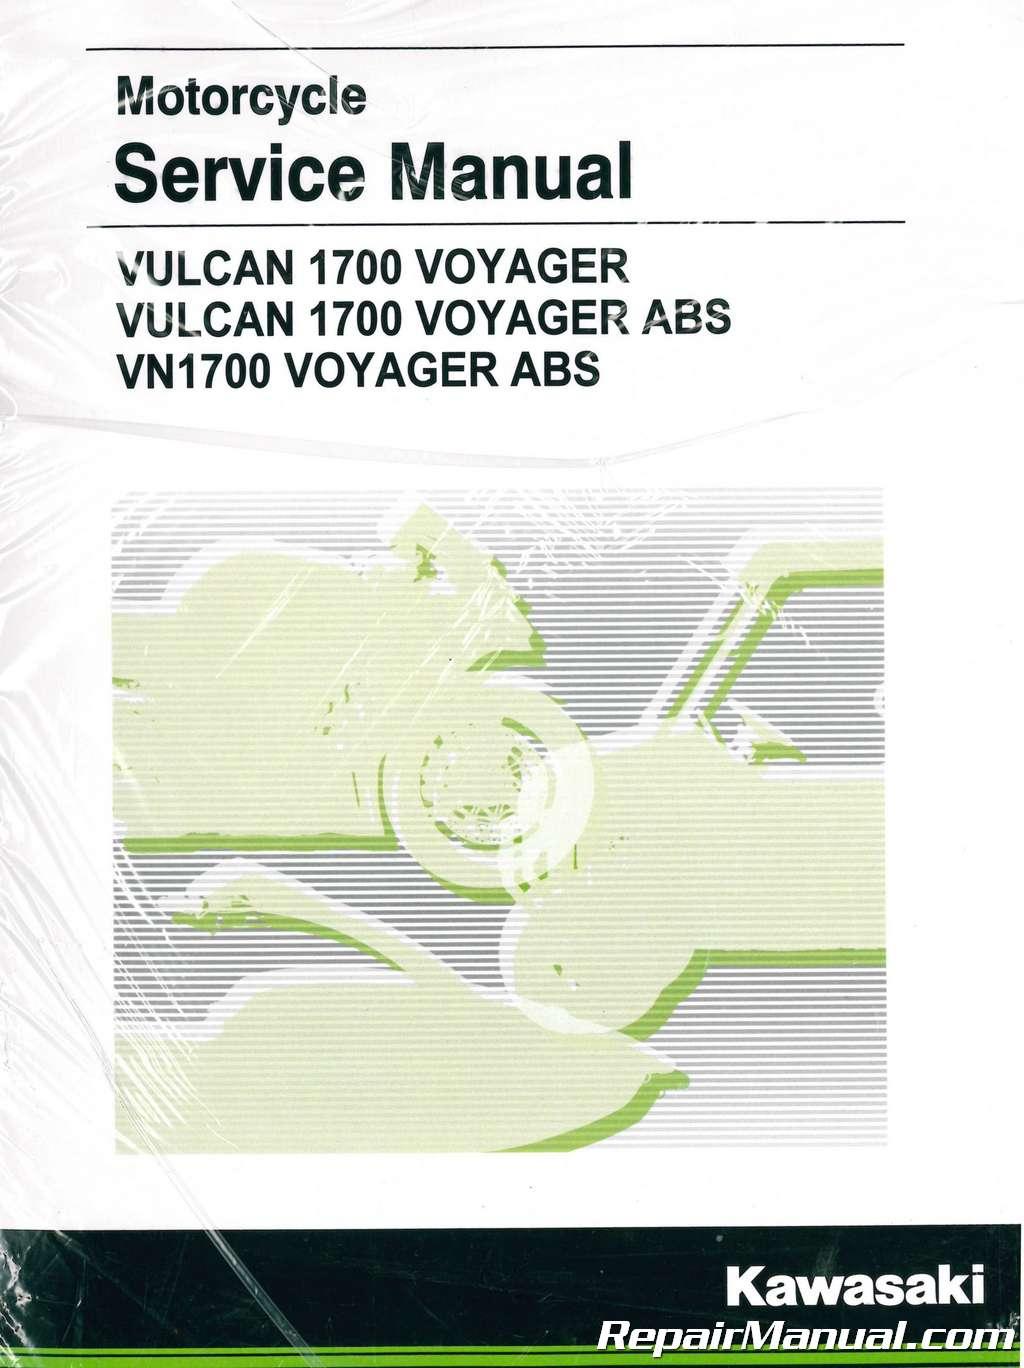 2009-2019 Kawasaki VN1700A B Vulcan Voyager ABS Motorcycle Service Manual